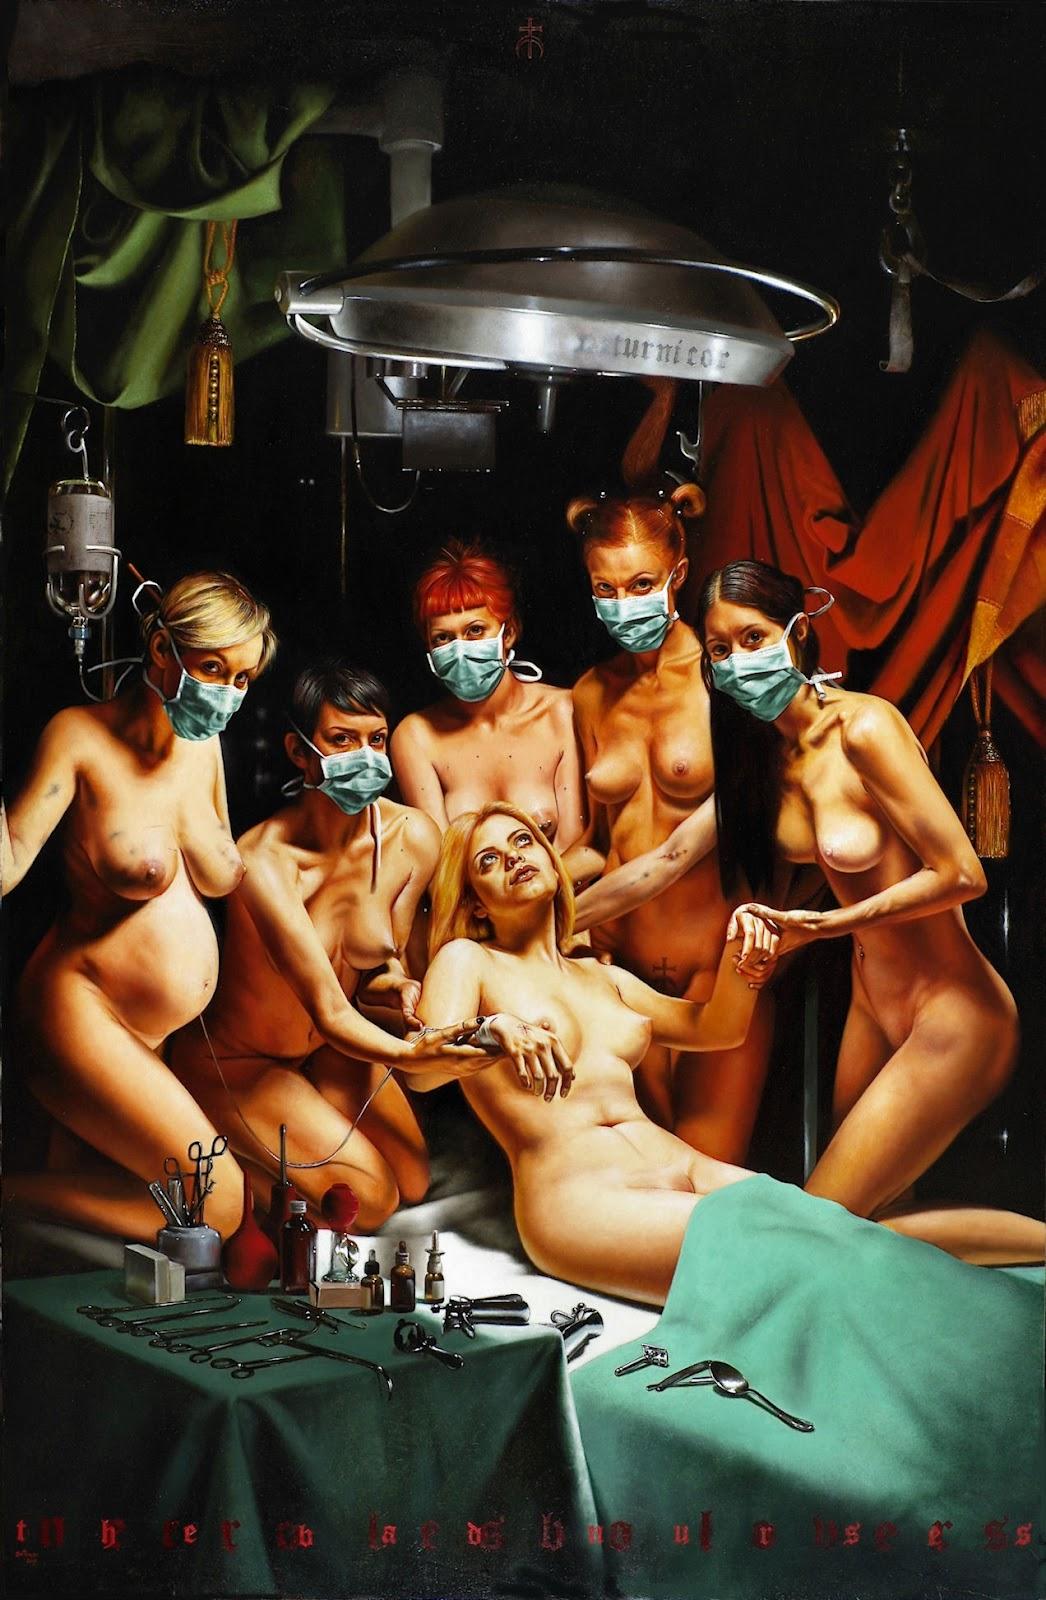 http://4.bp.blogspot.com/-N0D-QDti66U/T14kJuo5UjI/AAAAAAAAE6I/3NDZBwSiVZk/s1600/bad+nurses+09+cm+187x125.jpg